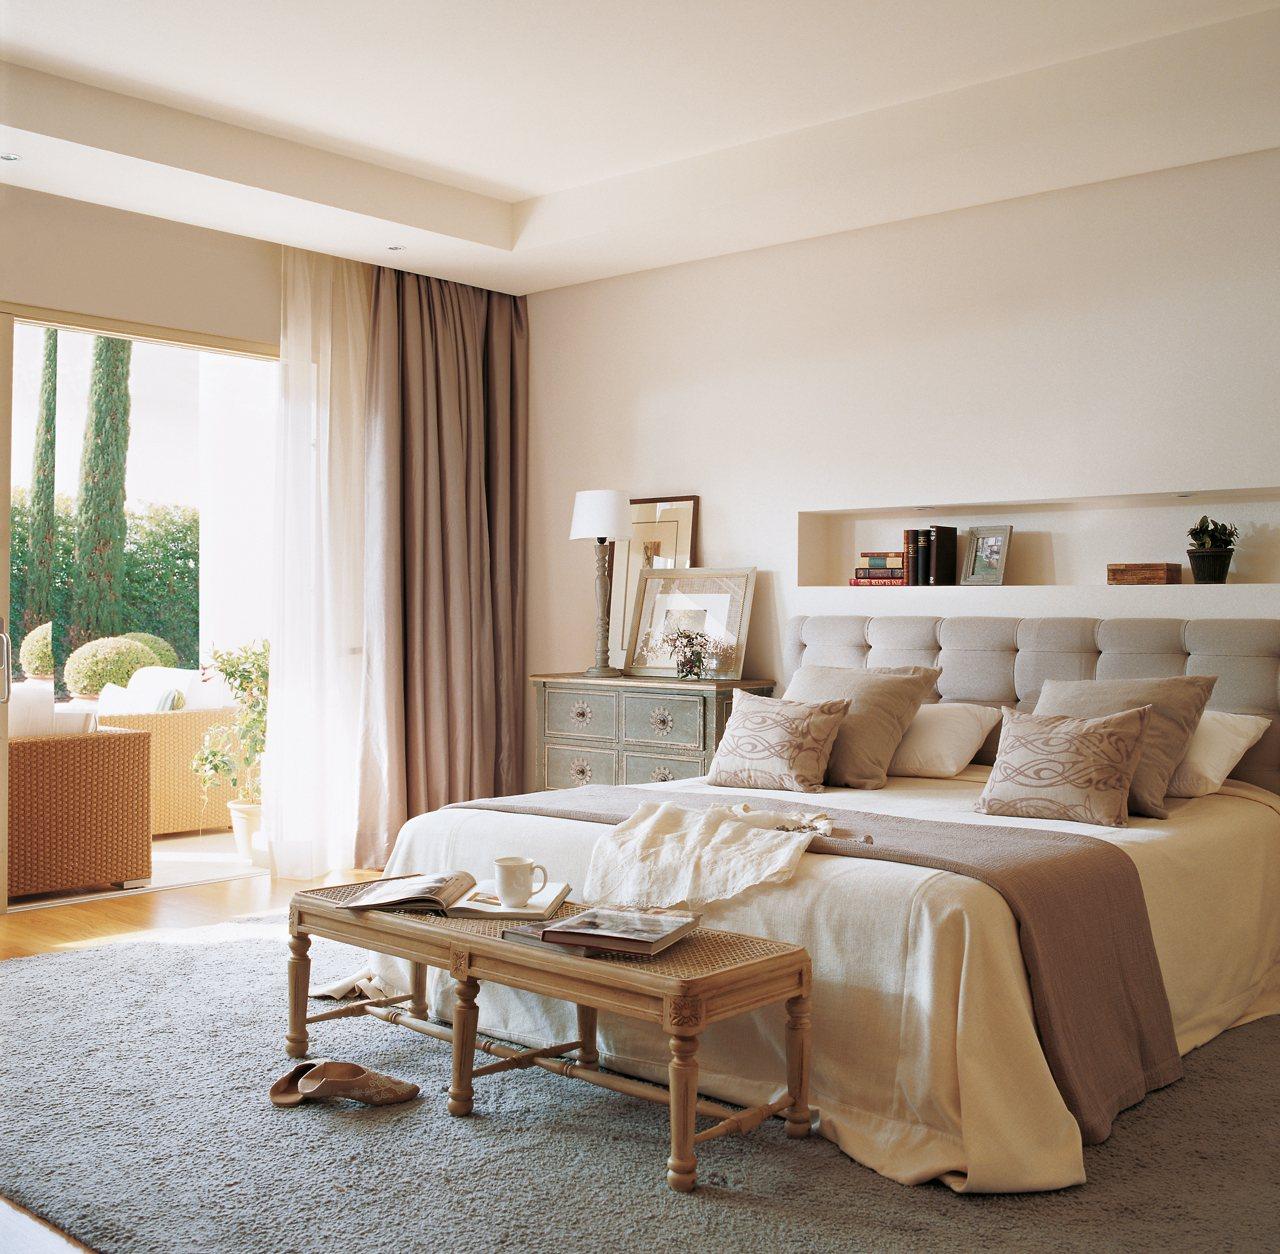 M s espacio para guardar en el dormitorio for Dormitorio principal m6 deco